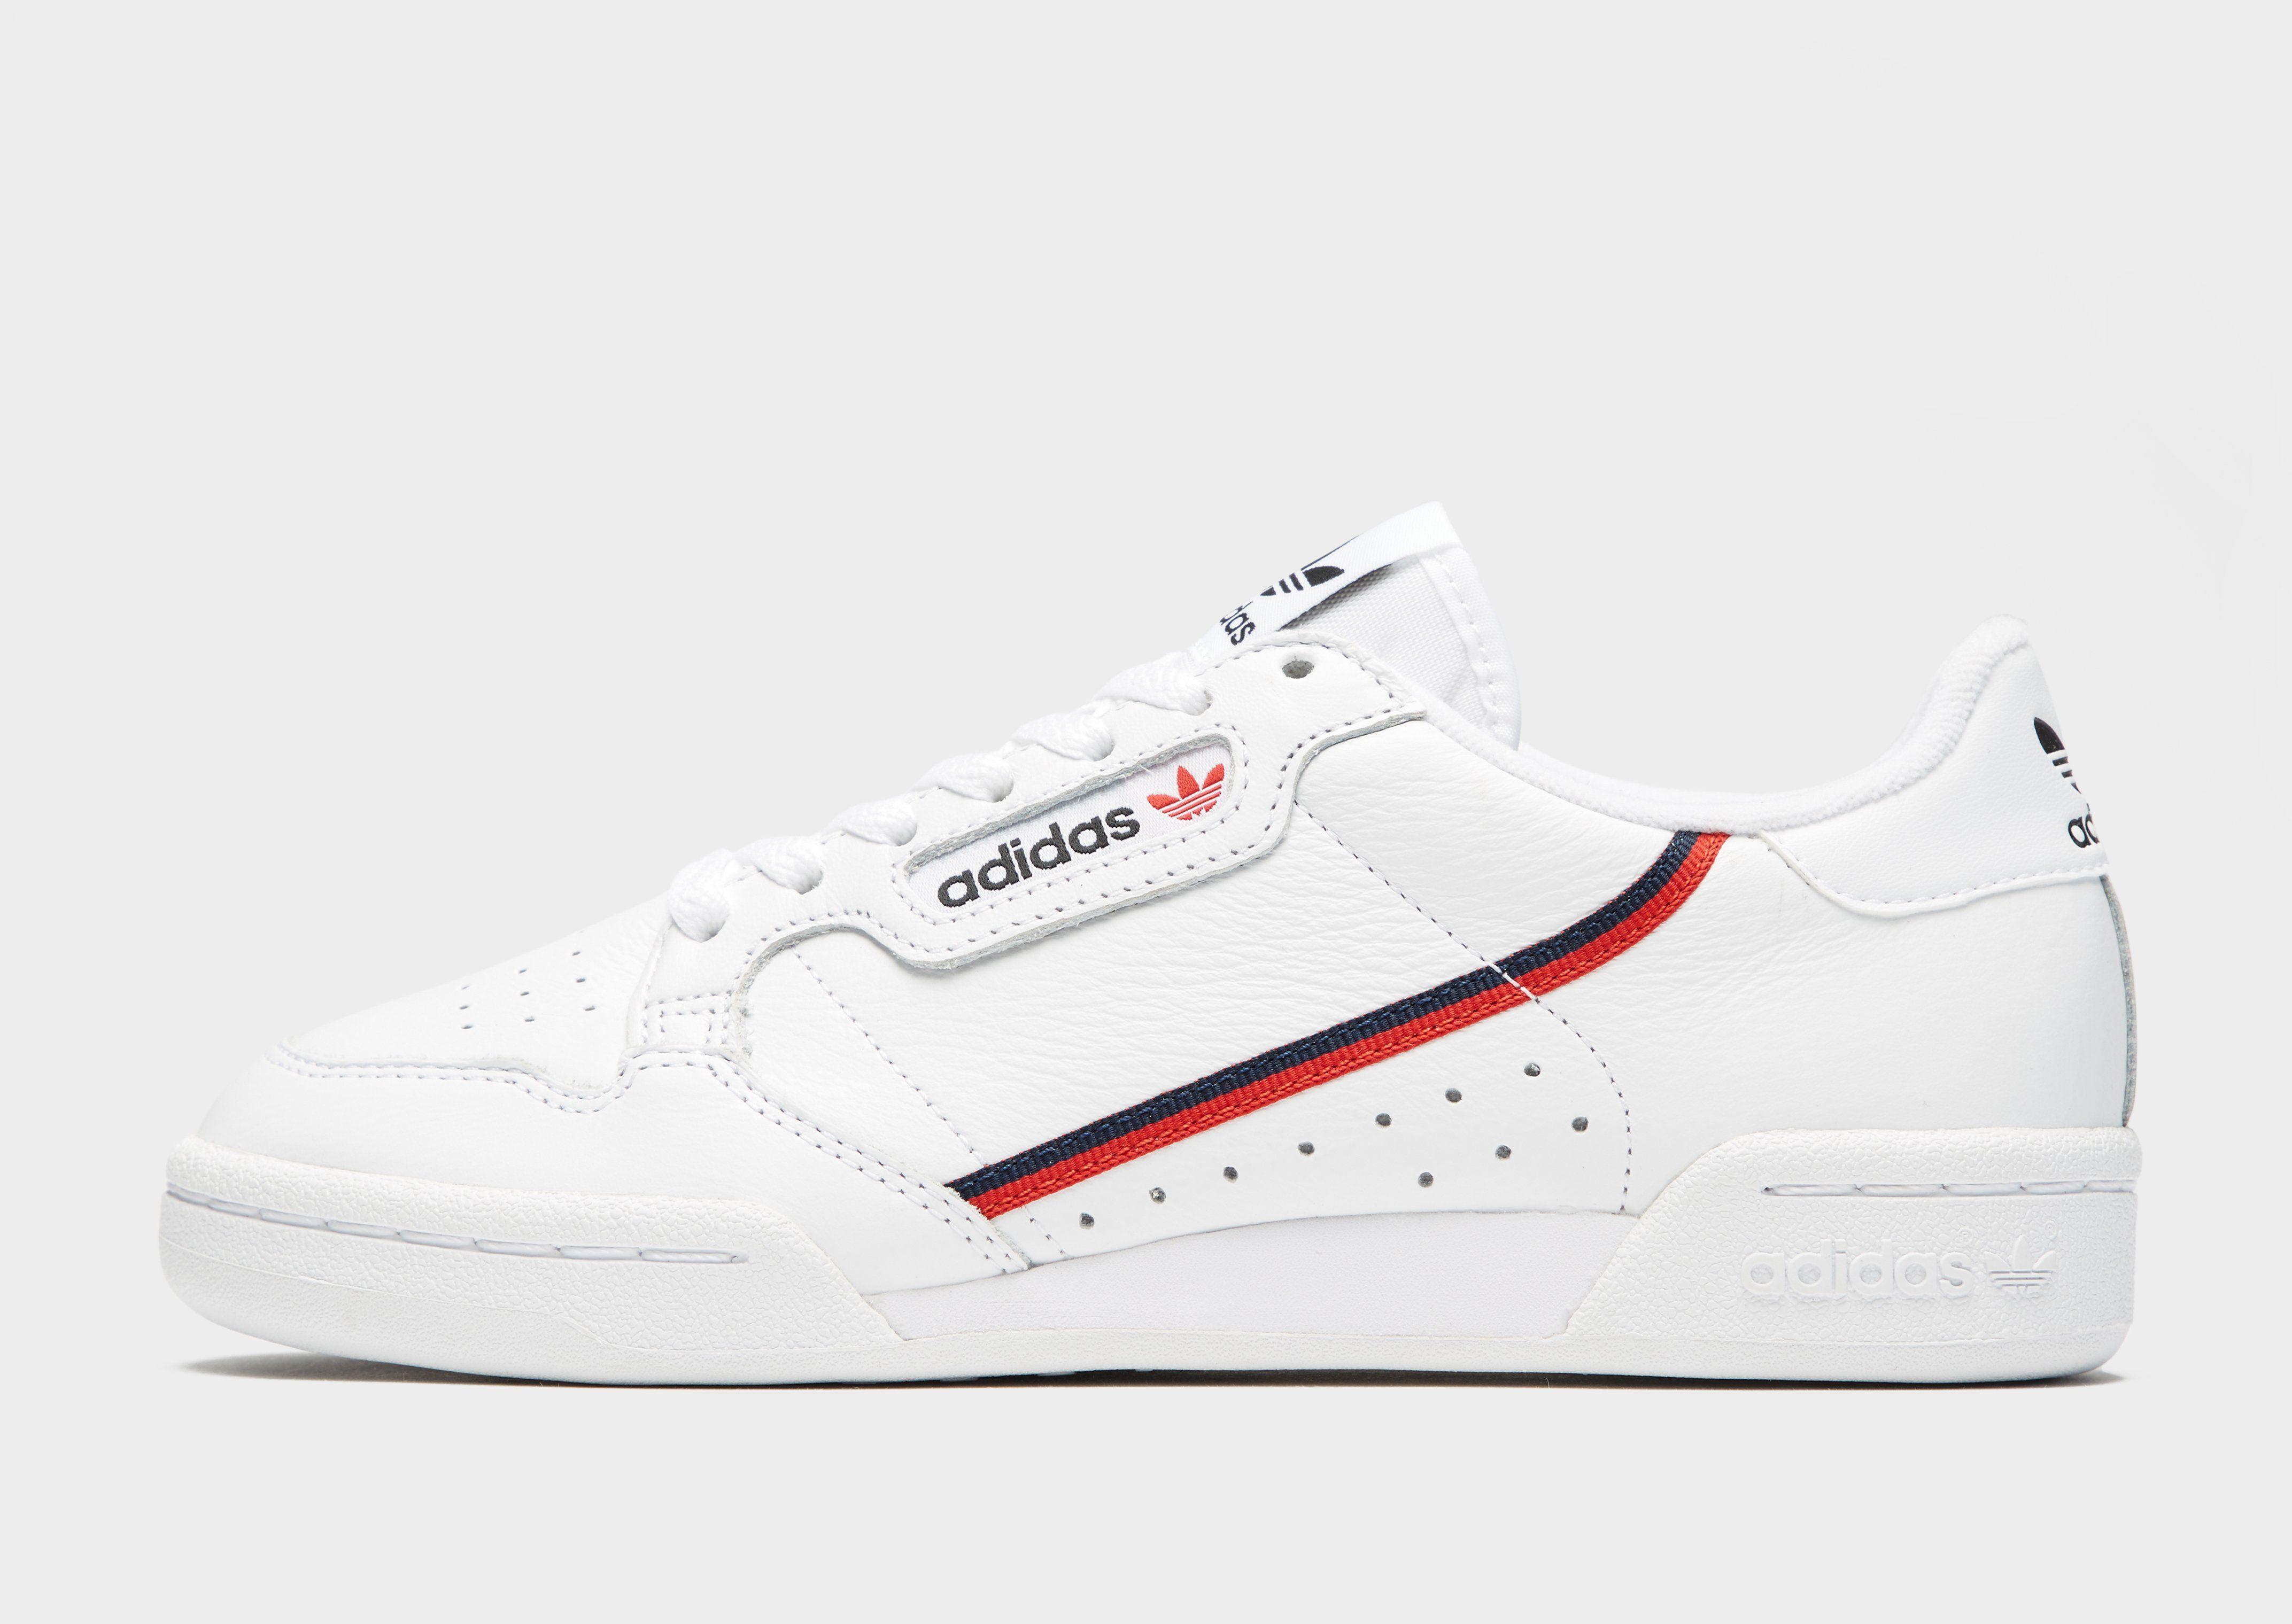 c4722236c43 adidas Originals Continental 80